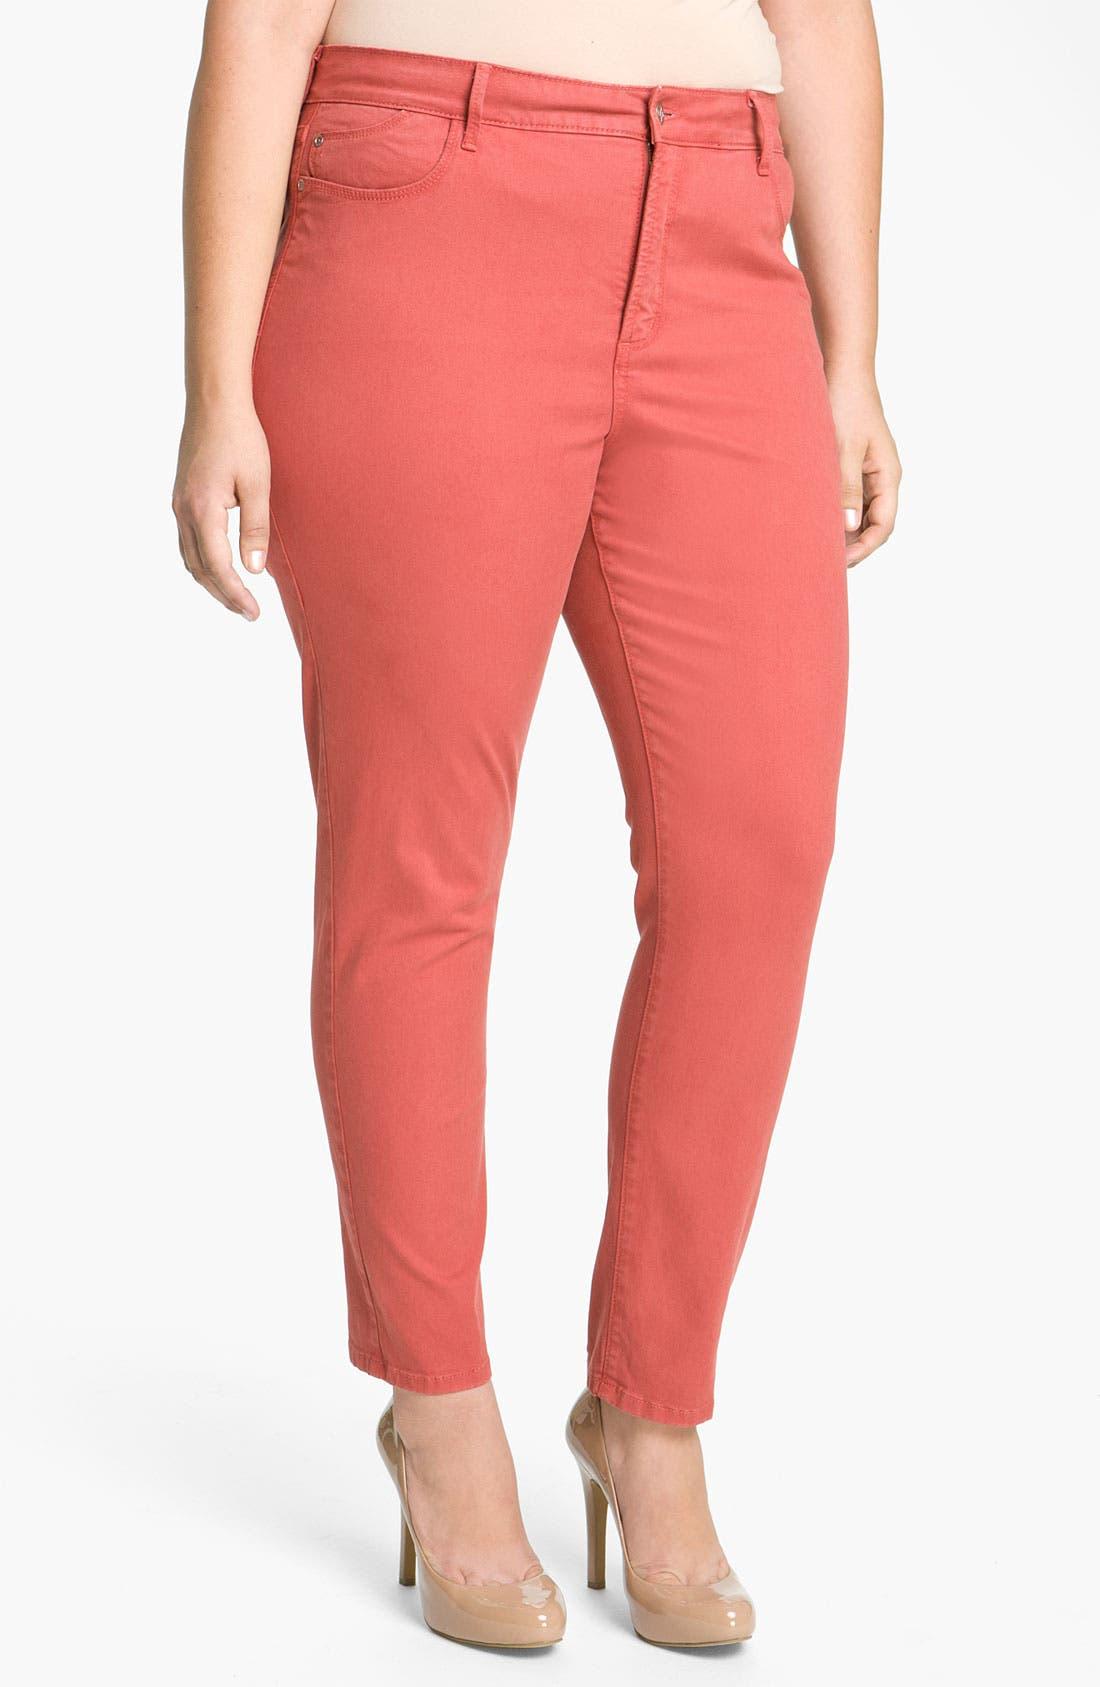 Alternate Image 1 Selected - NYDJ 'Alisha' Skinny Ankle Jeans (Plus)